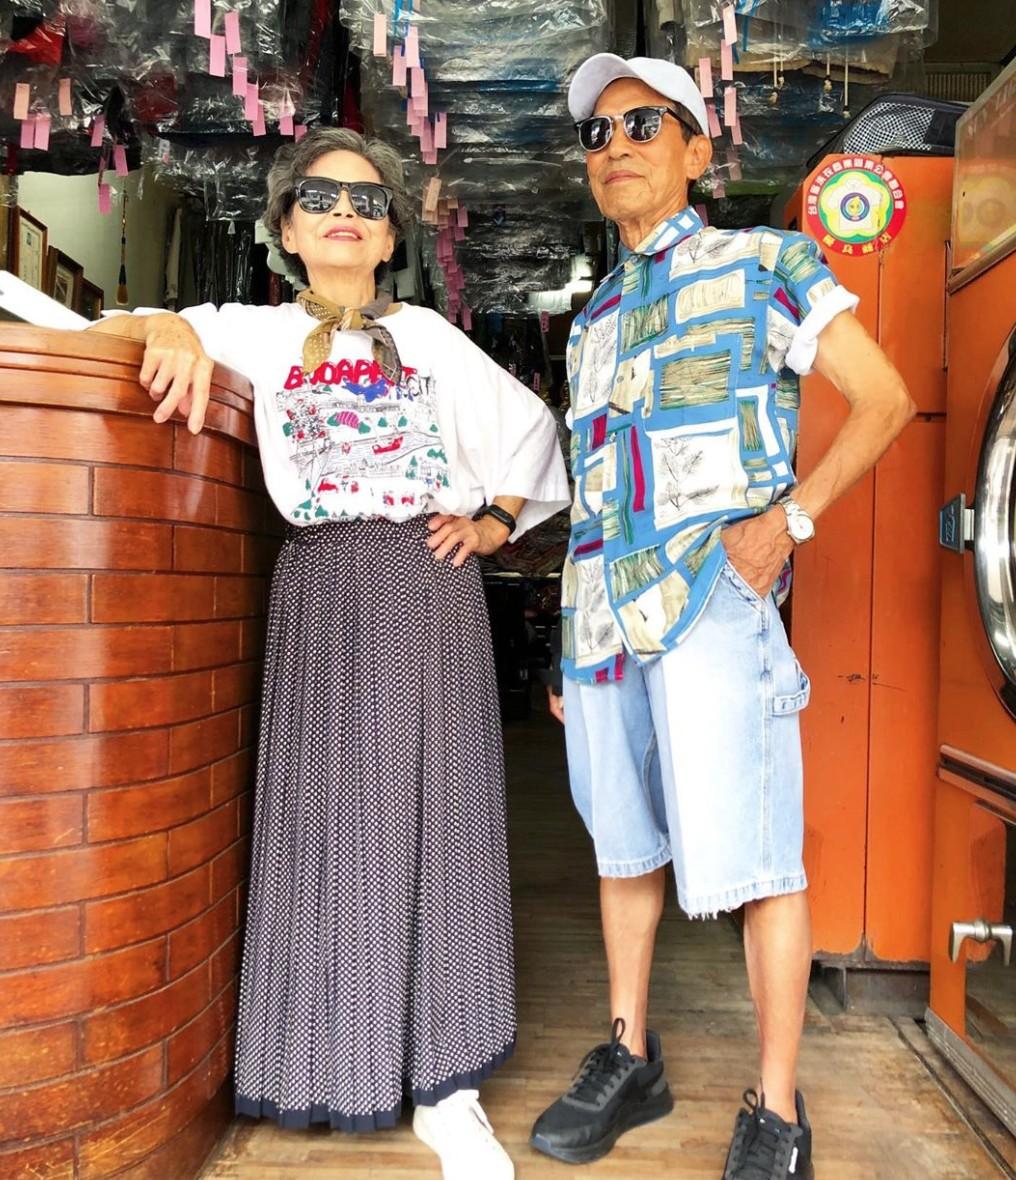 Este casal de idosos se diverte com roupas de modelagem deixadas na lavanderia 4